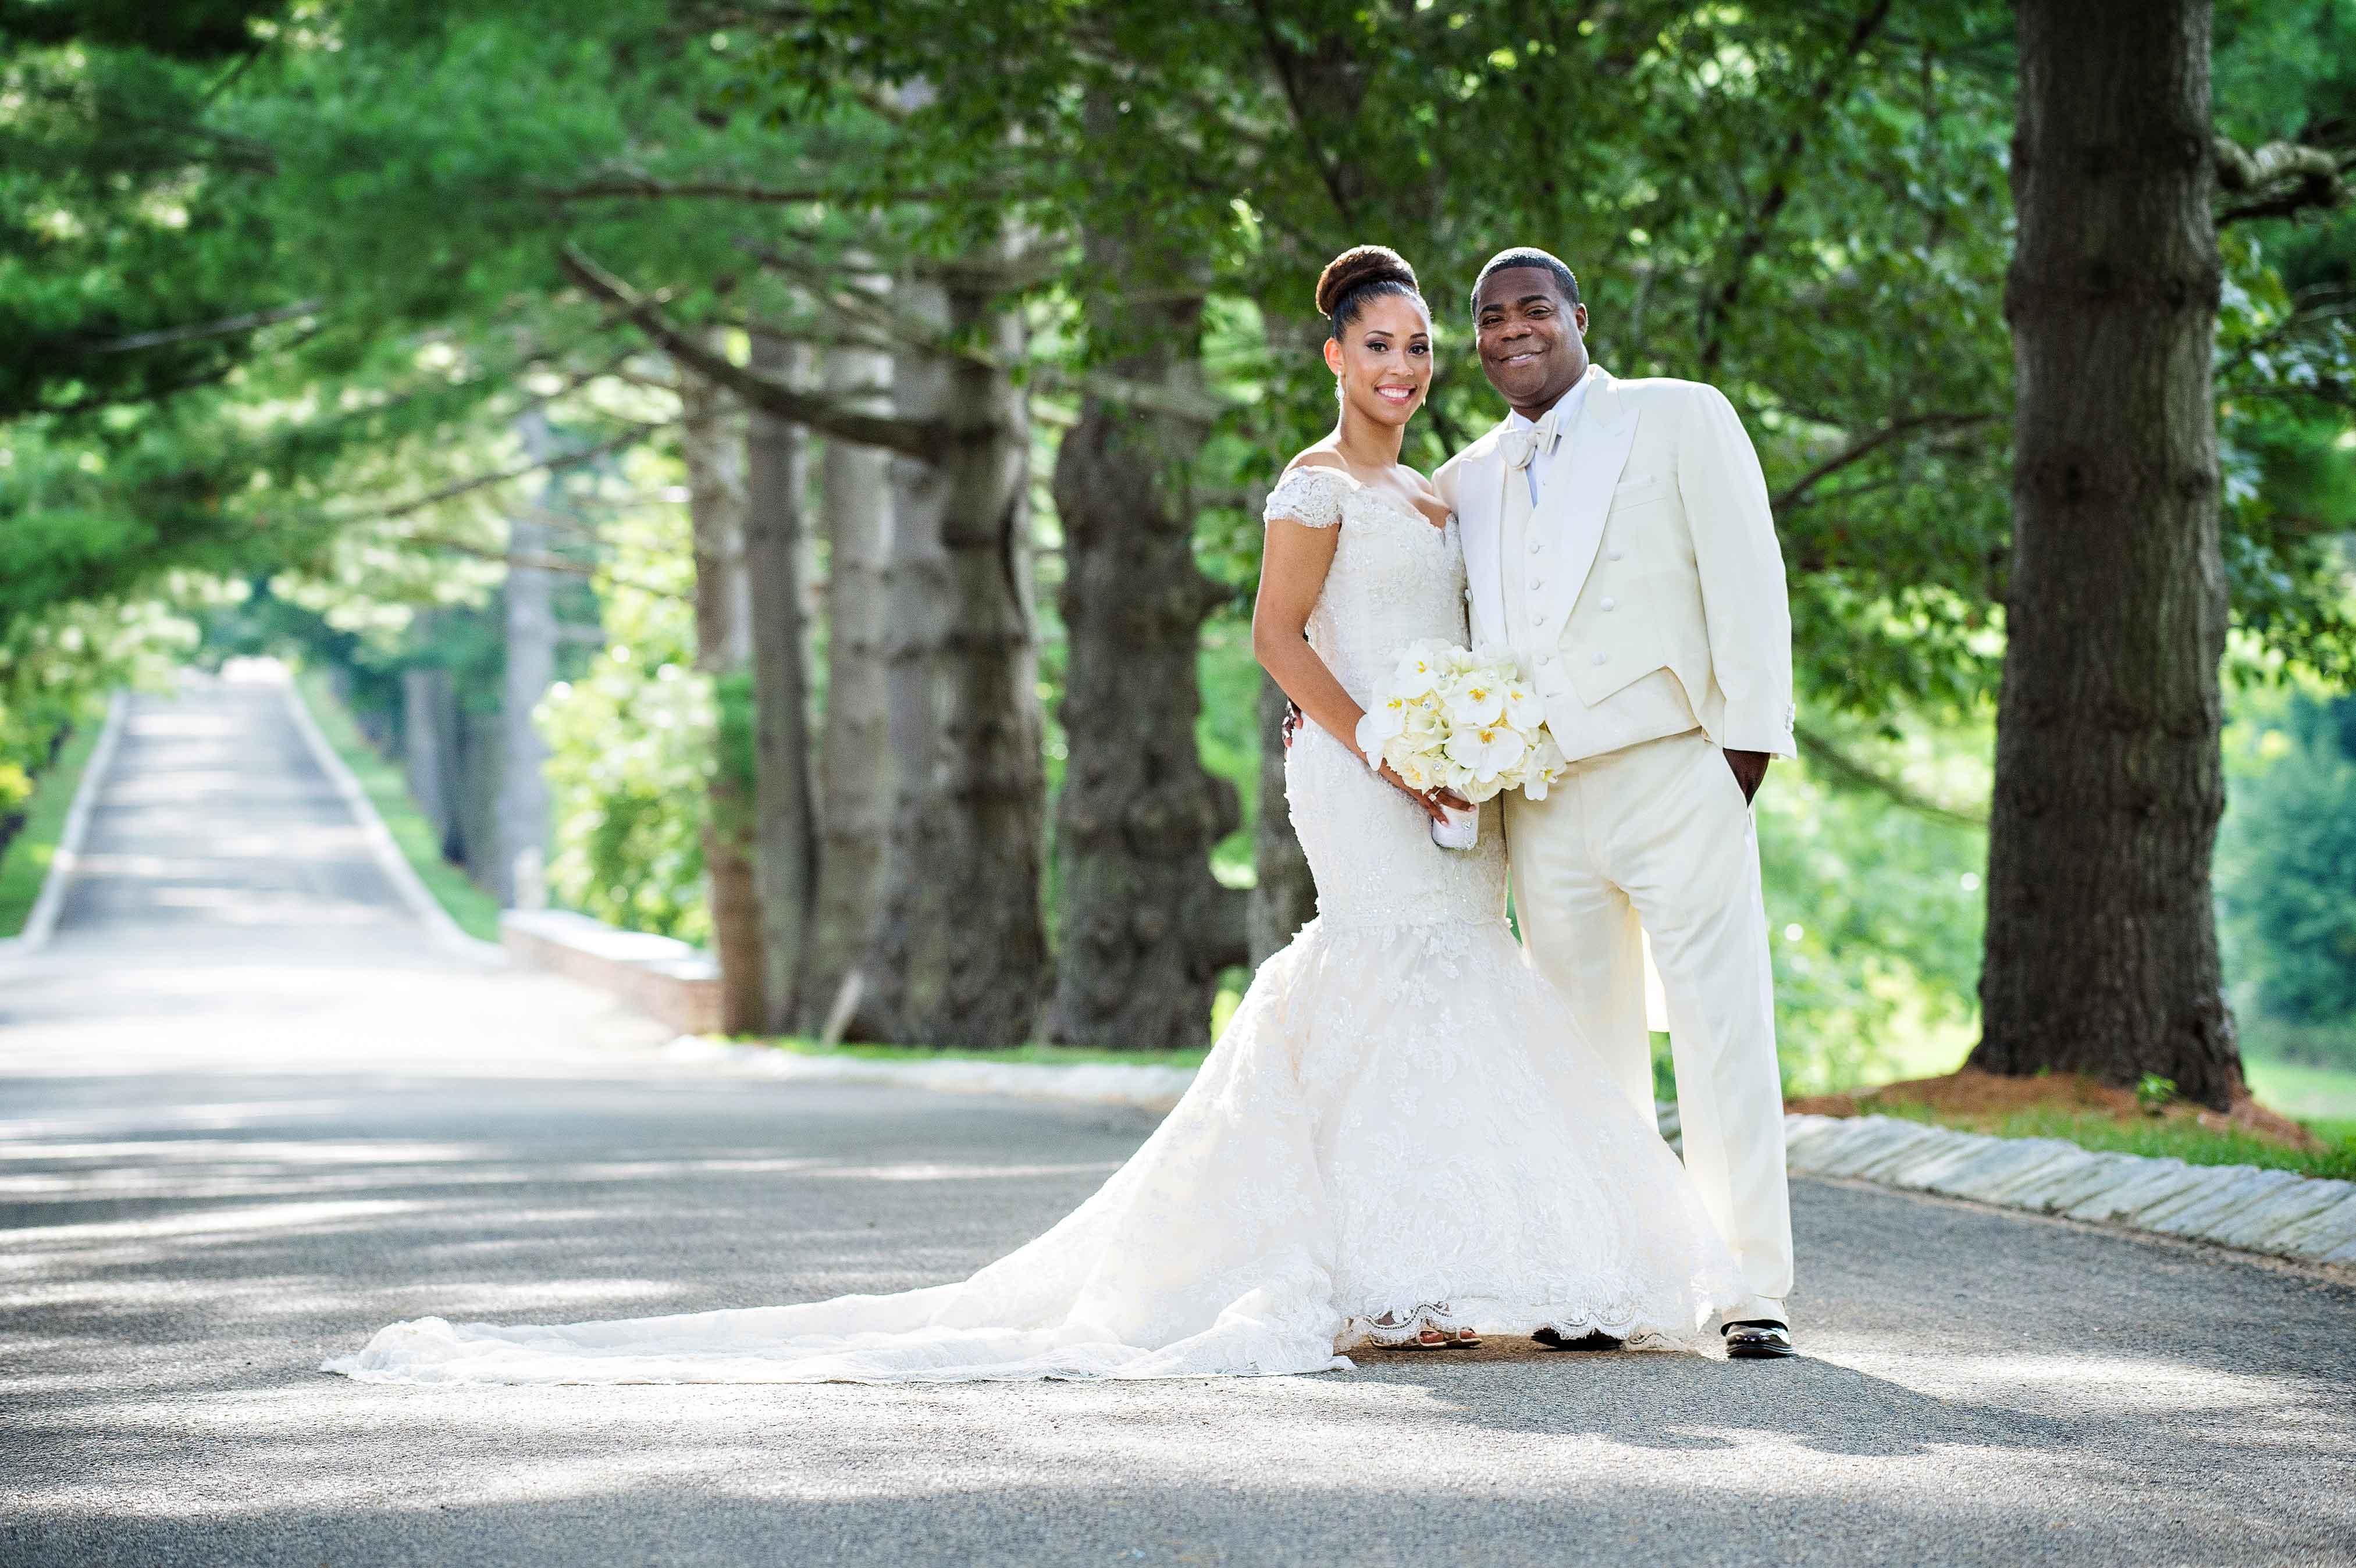 Tracy Morgan and Megan Wollover wedding photo